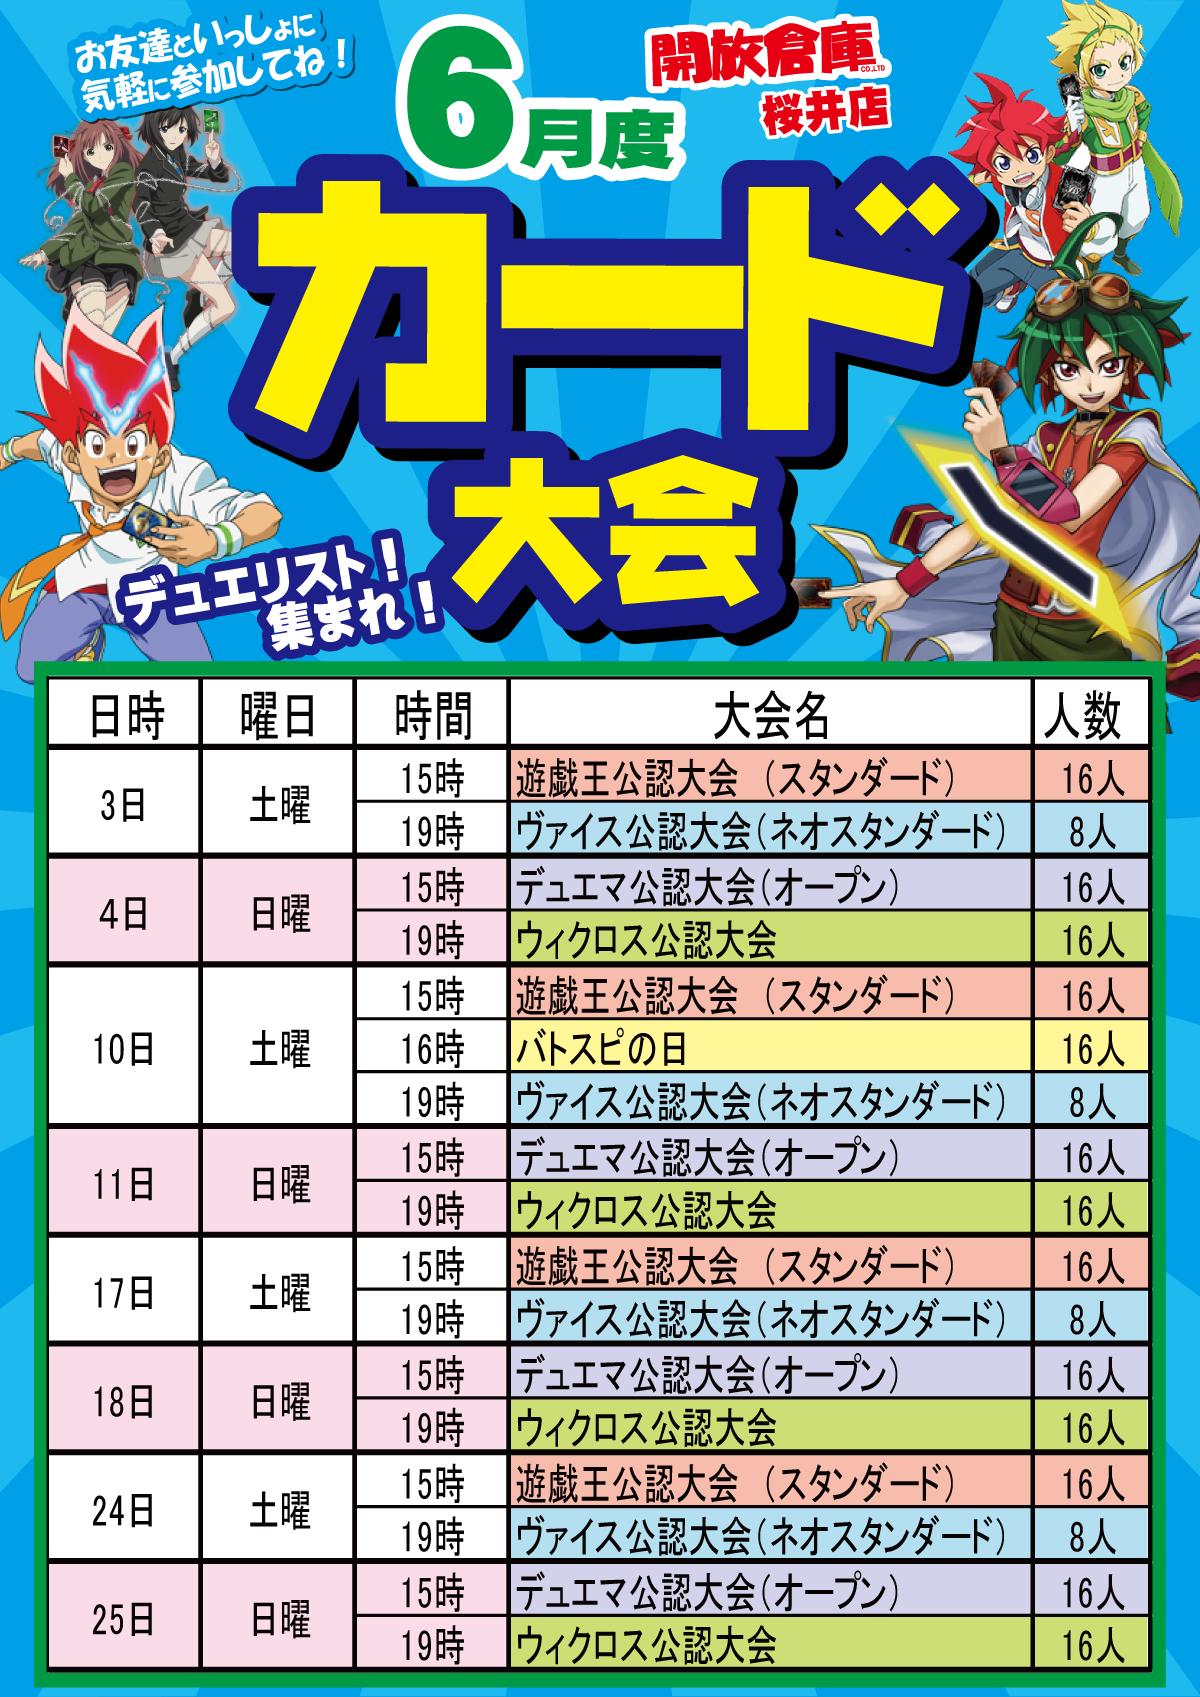 「開放倉庫桜井店」2017年6月度カード大会予定表を更新しました!!デュエリスト!集まれ!